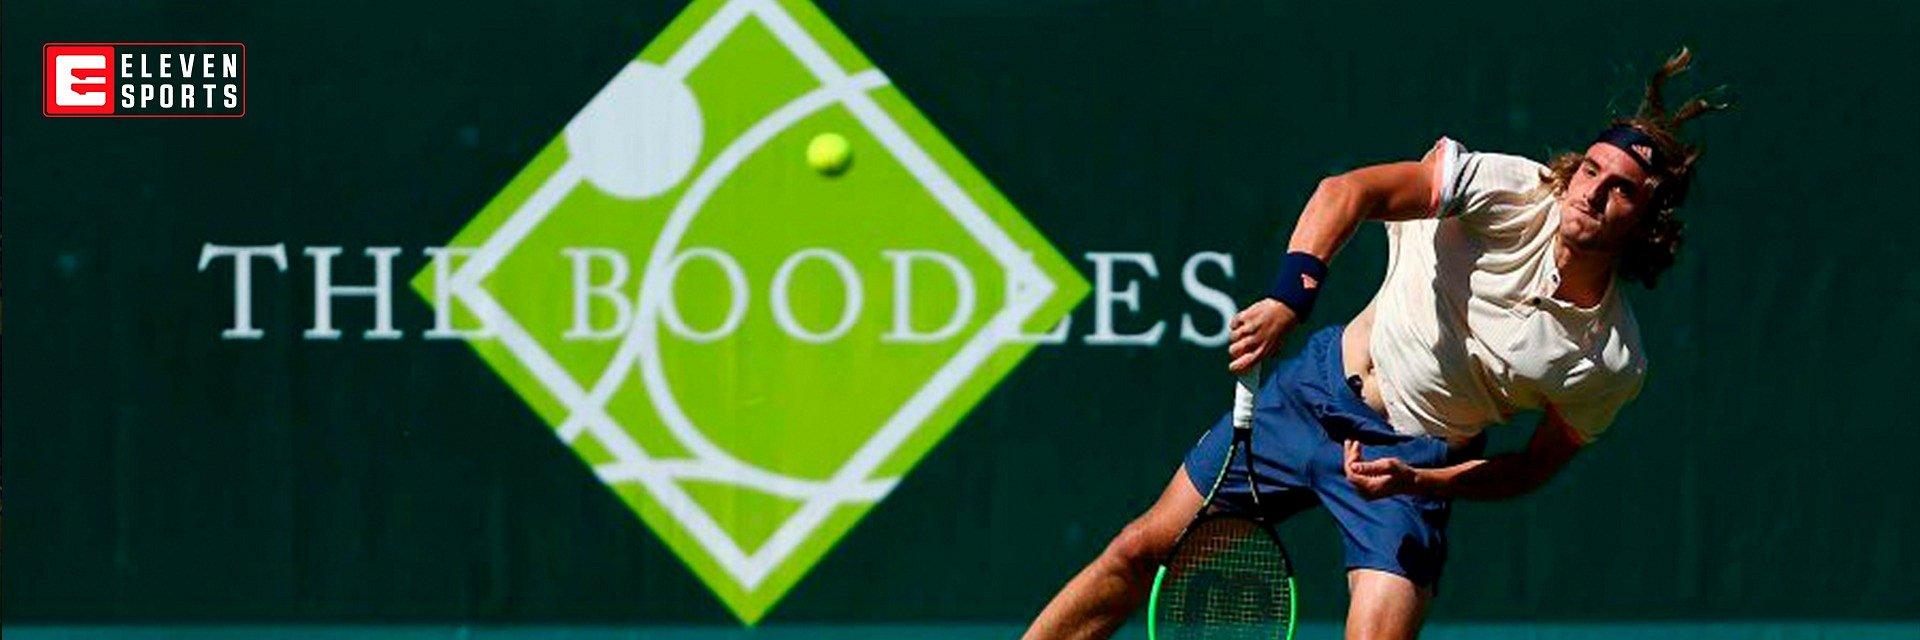 Eleven Sports Portugal garante direitos de transmissão do The Boodles Tennis Challenge